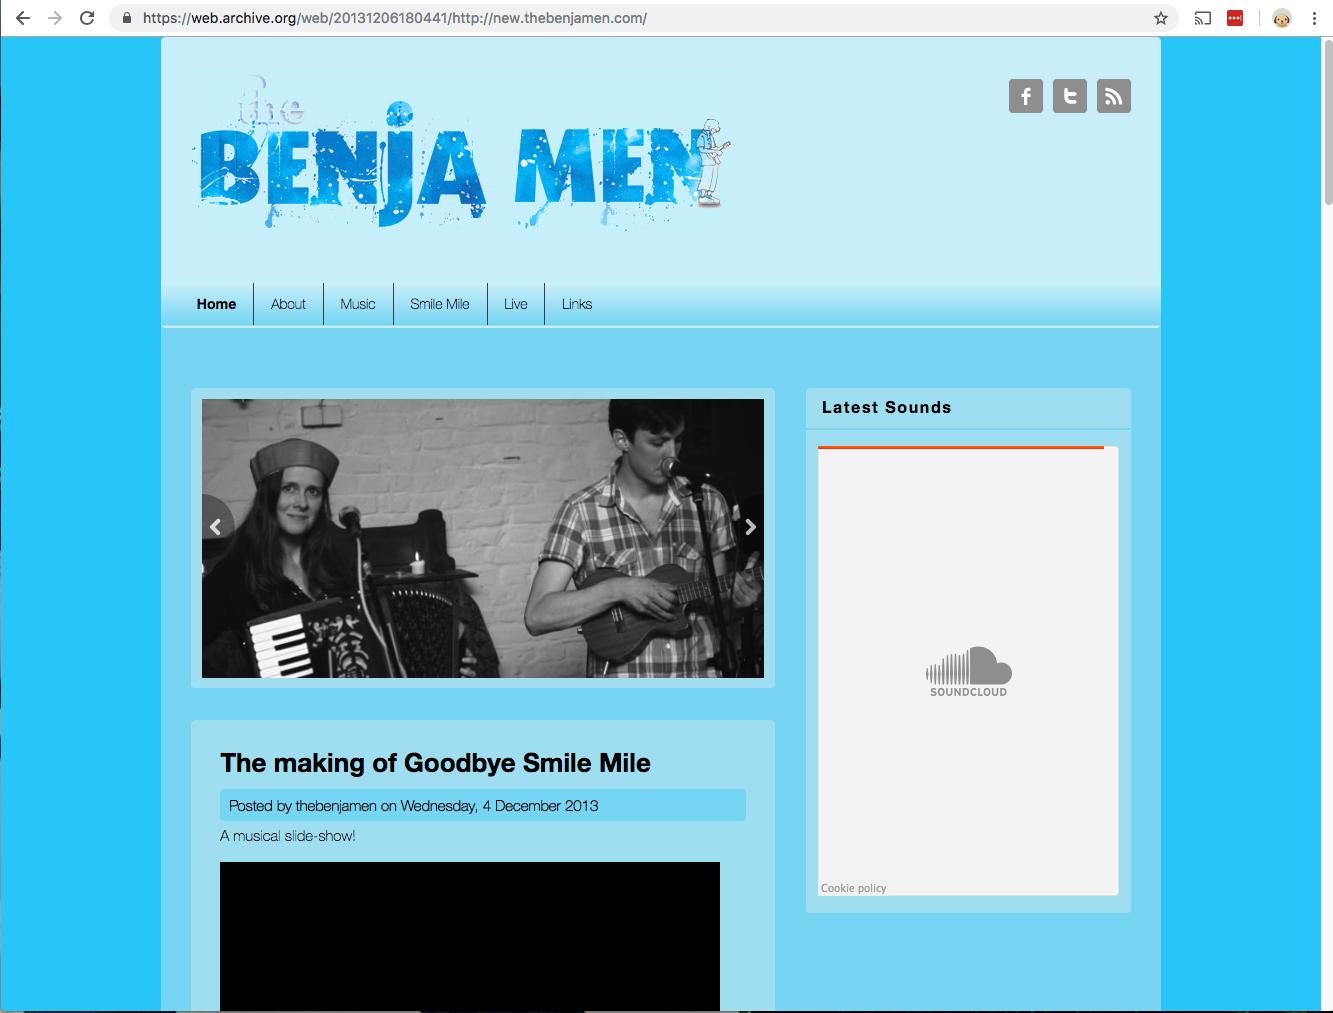 Screenshot of the Drupal-based website